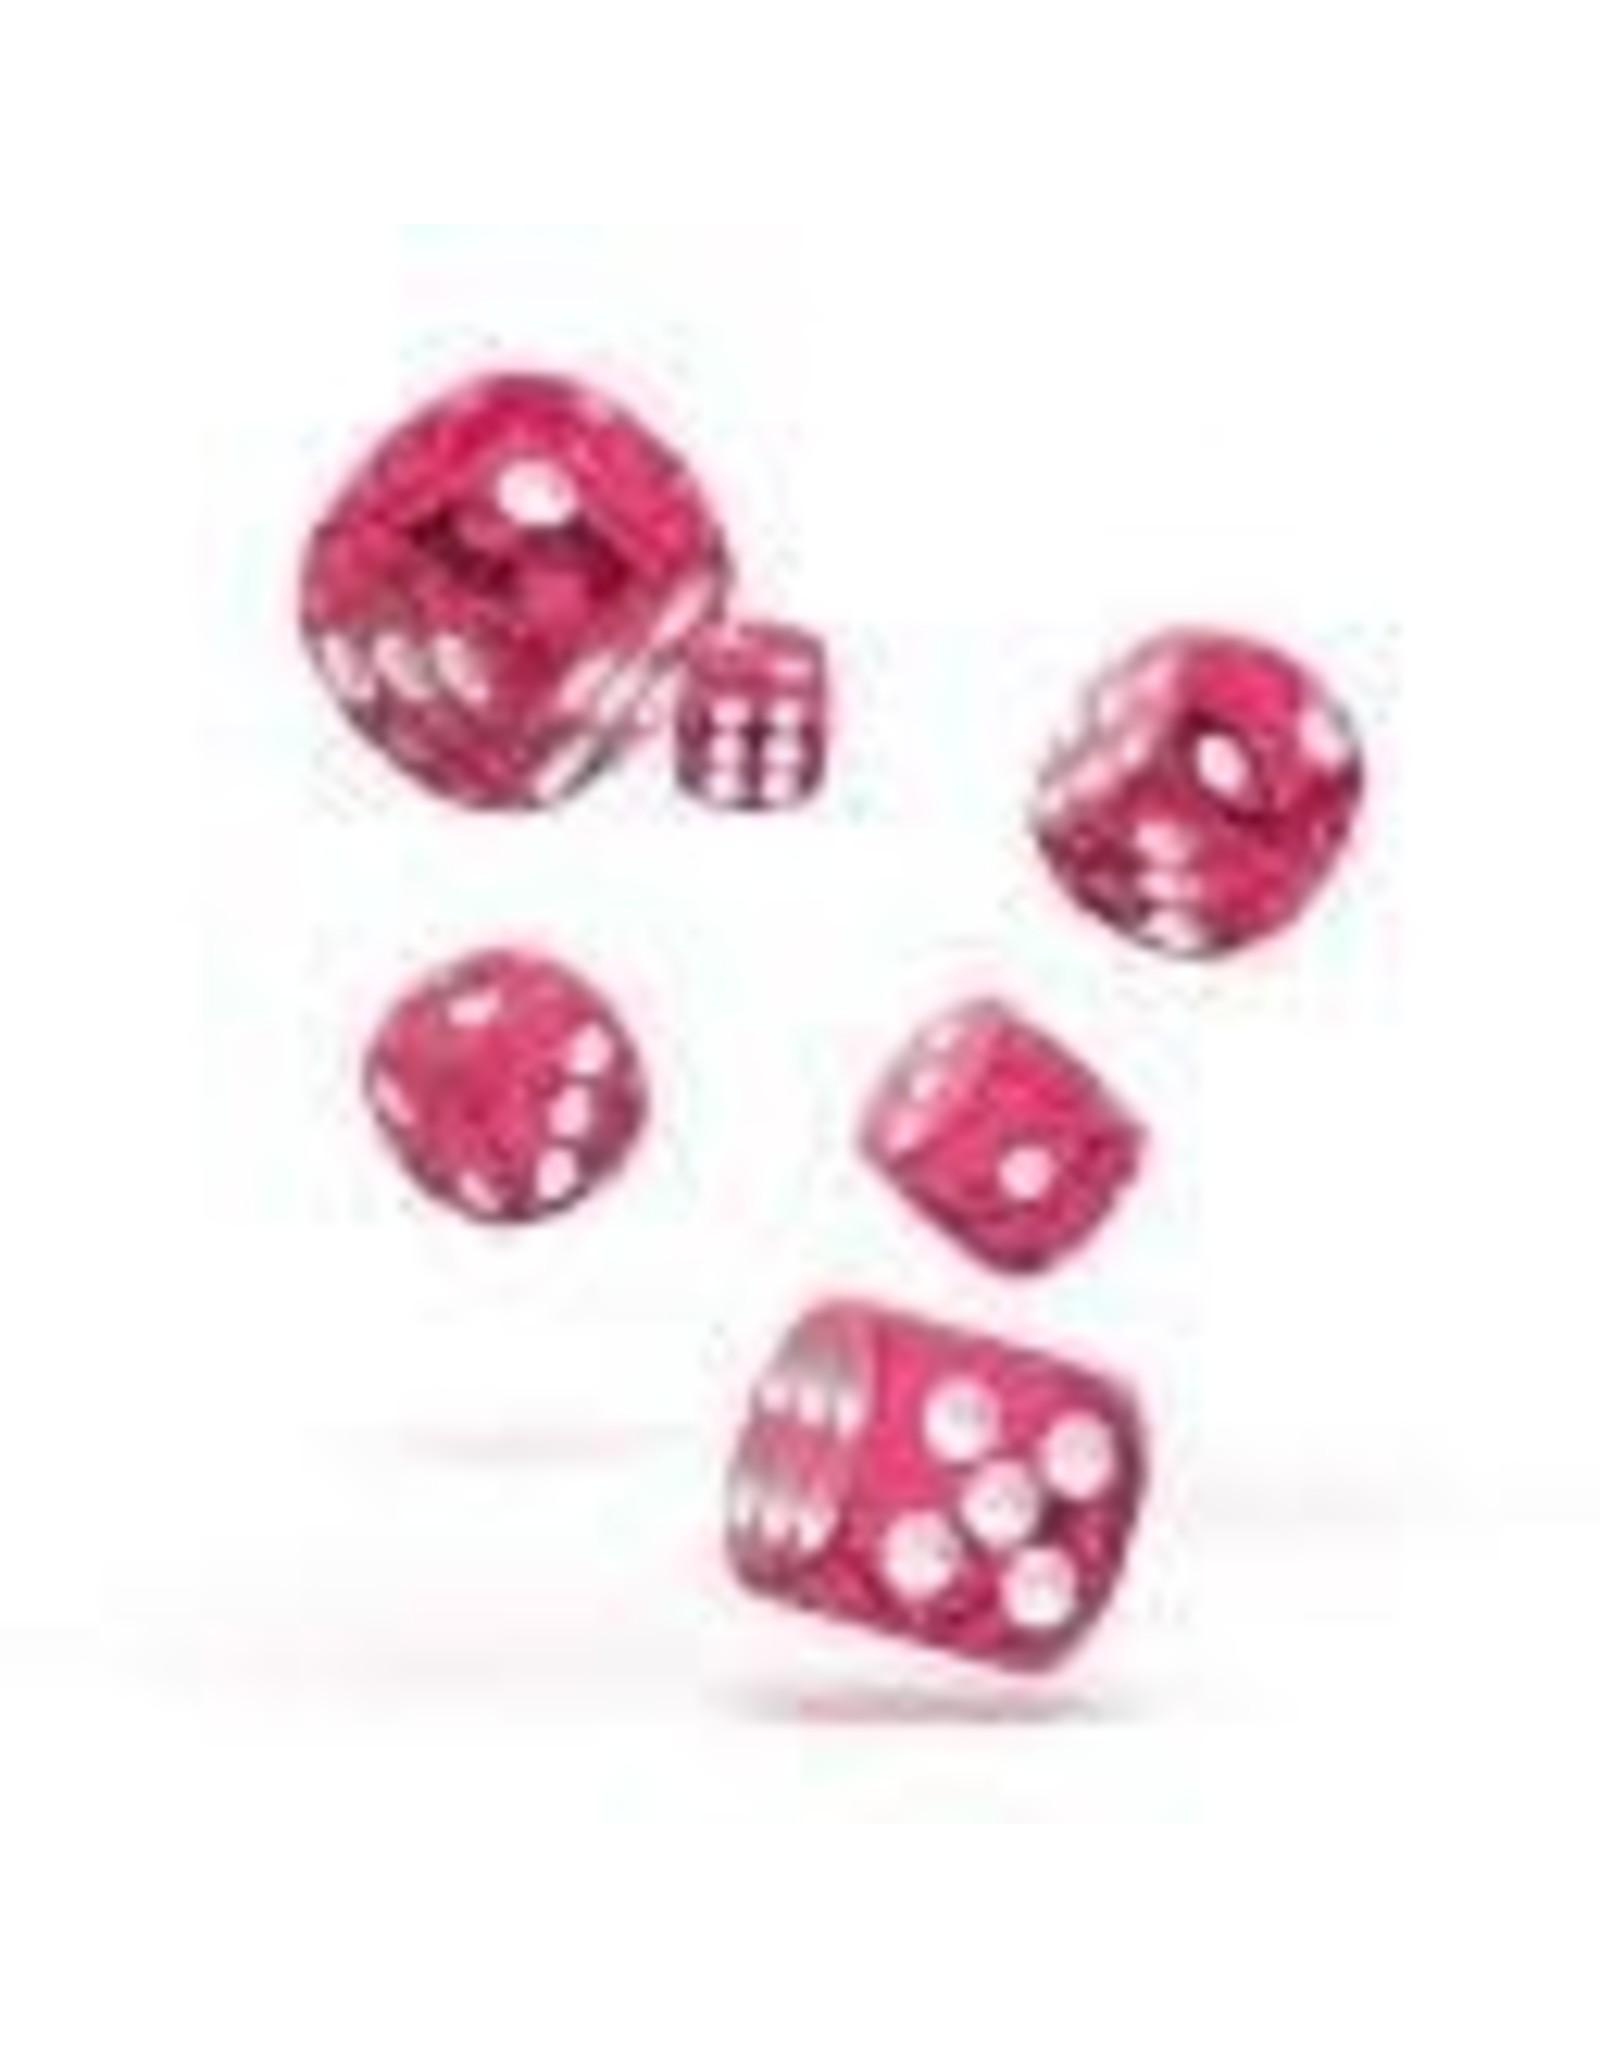 Oakie Doakie Dice C10 OK d6 12mm Speckled Pink